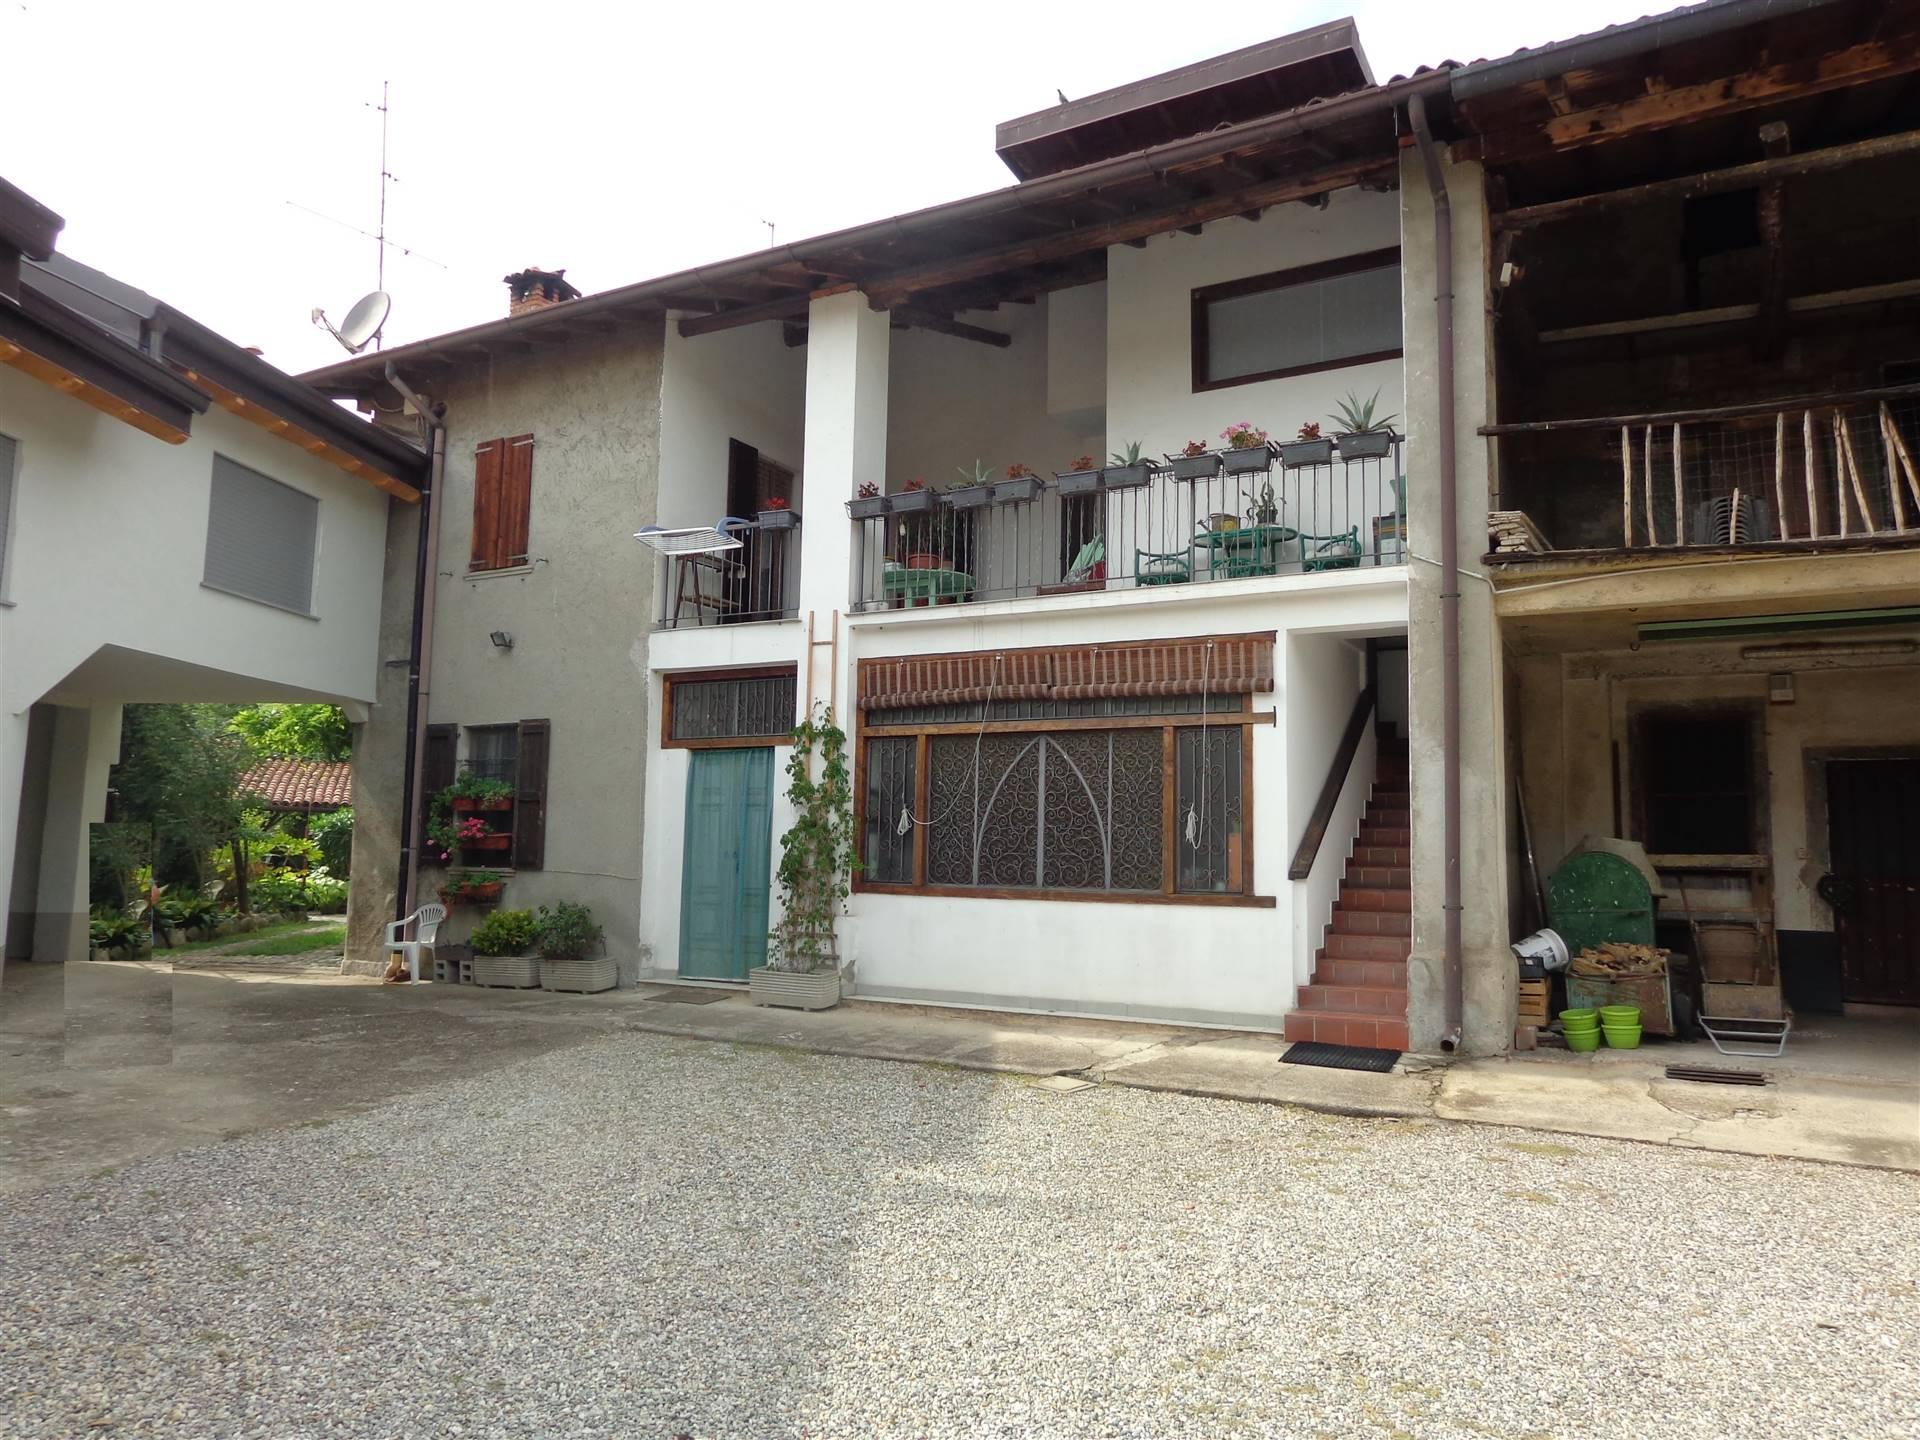 Rustico / Casale in vendita a Osio Sotto, 17 locali, prezzo € 360.000 | PortaleAgenzieImmobiliari.it